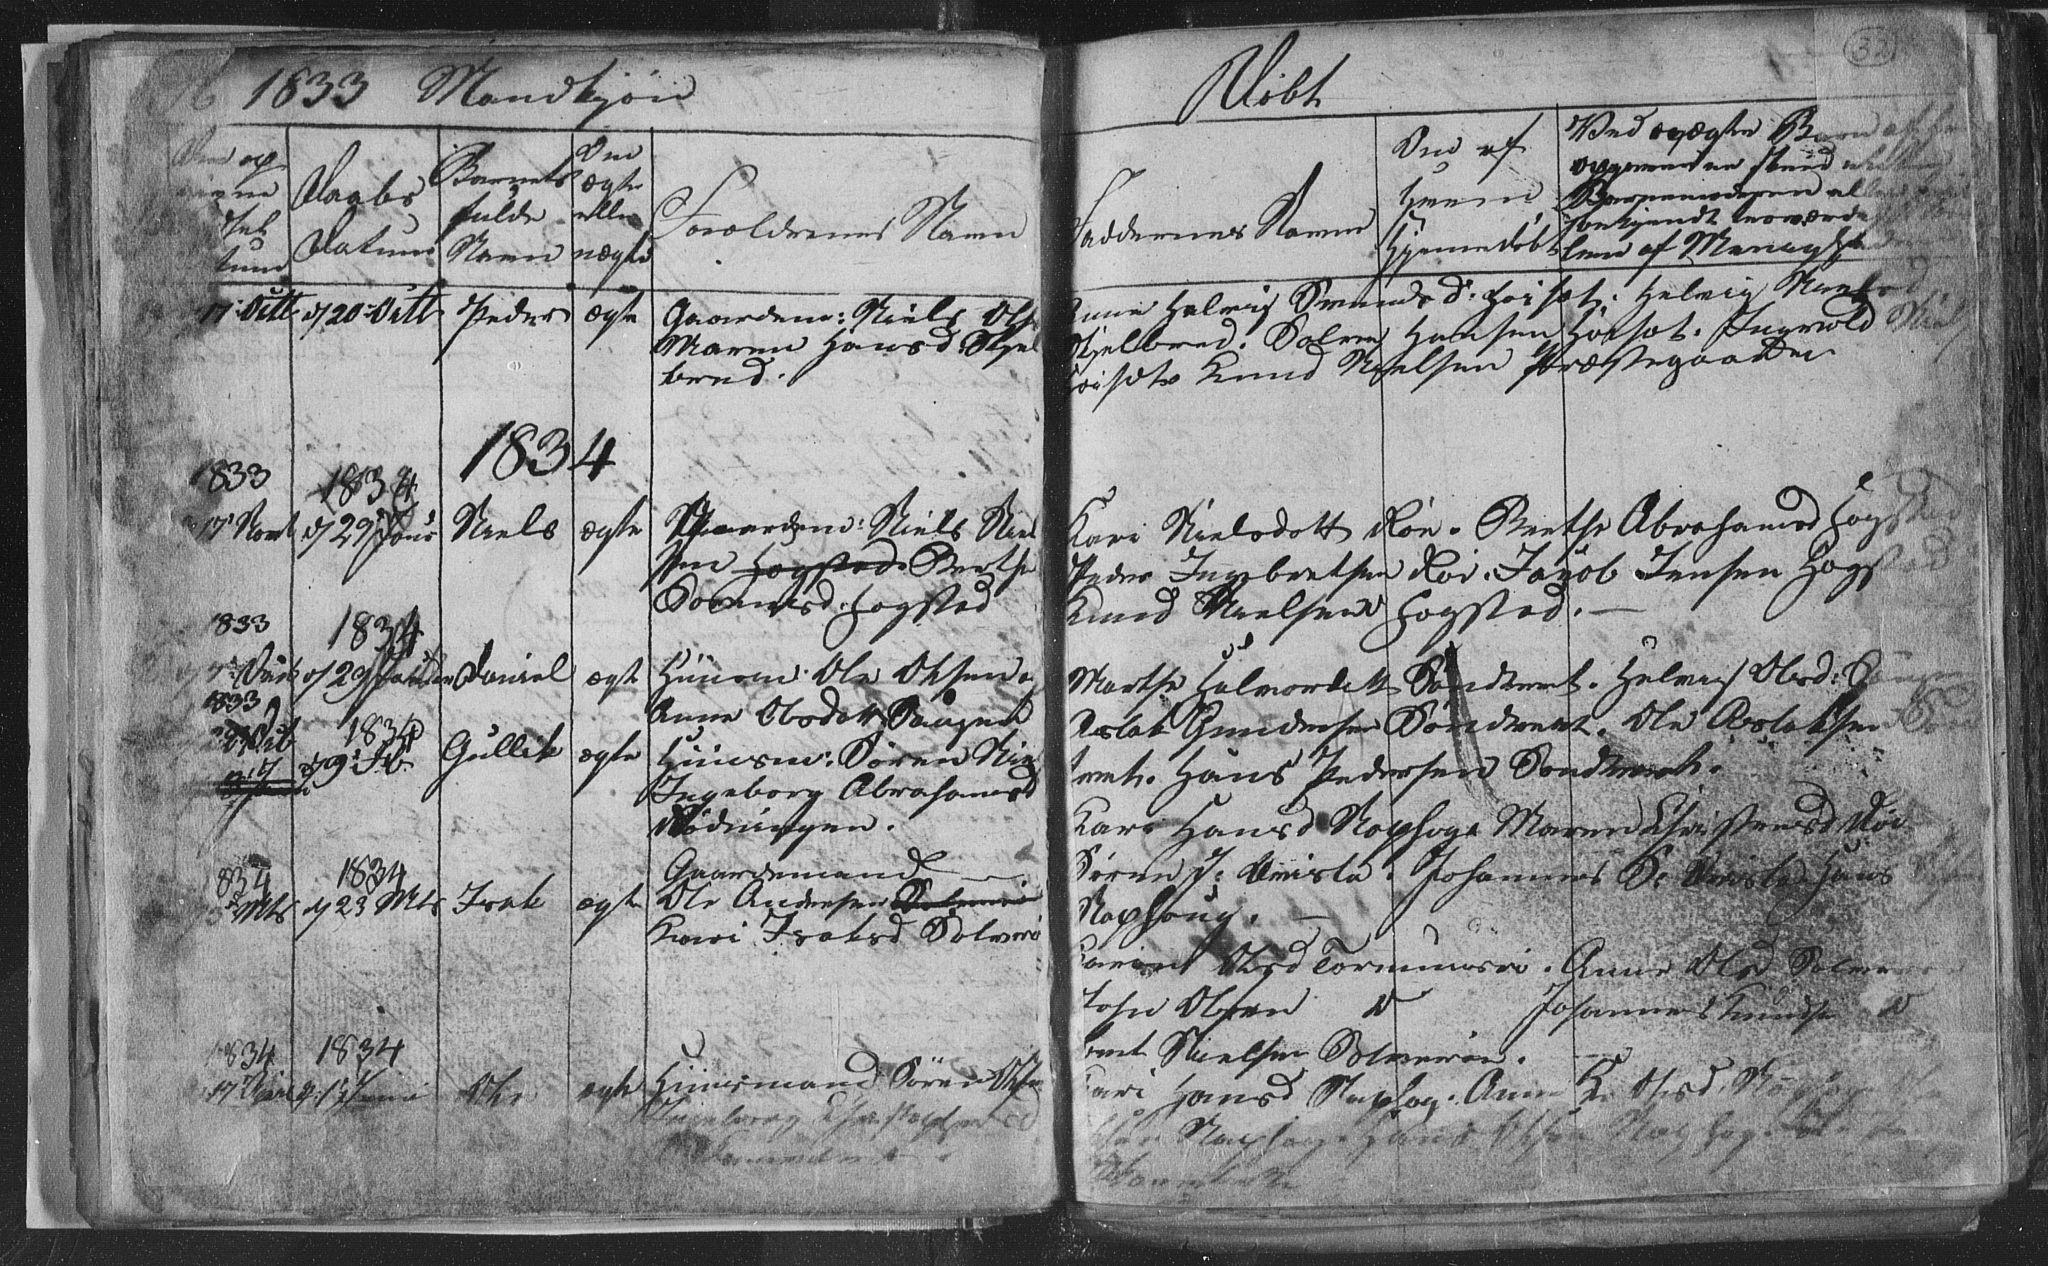 SAKO, Siljan kirkebøker, G/Ga/L0001: Klokkerbok nr. 1, 1827-1847, s. 32